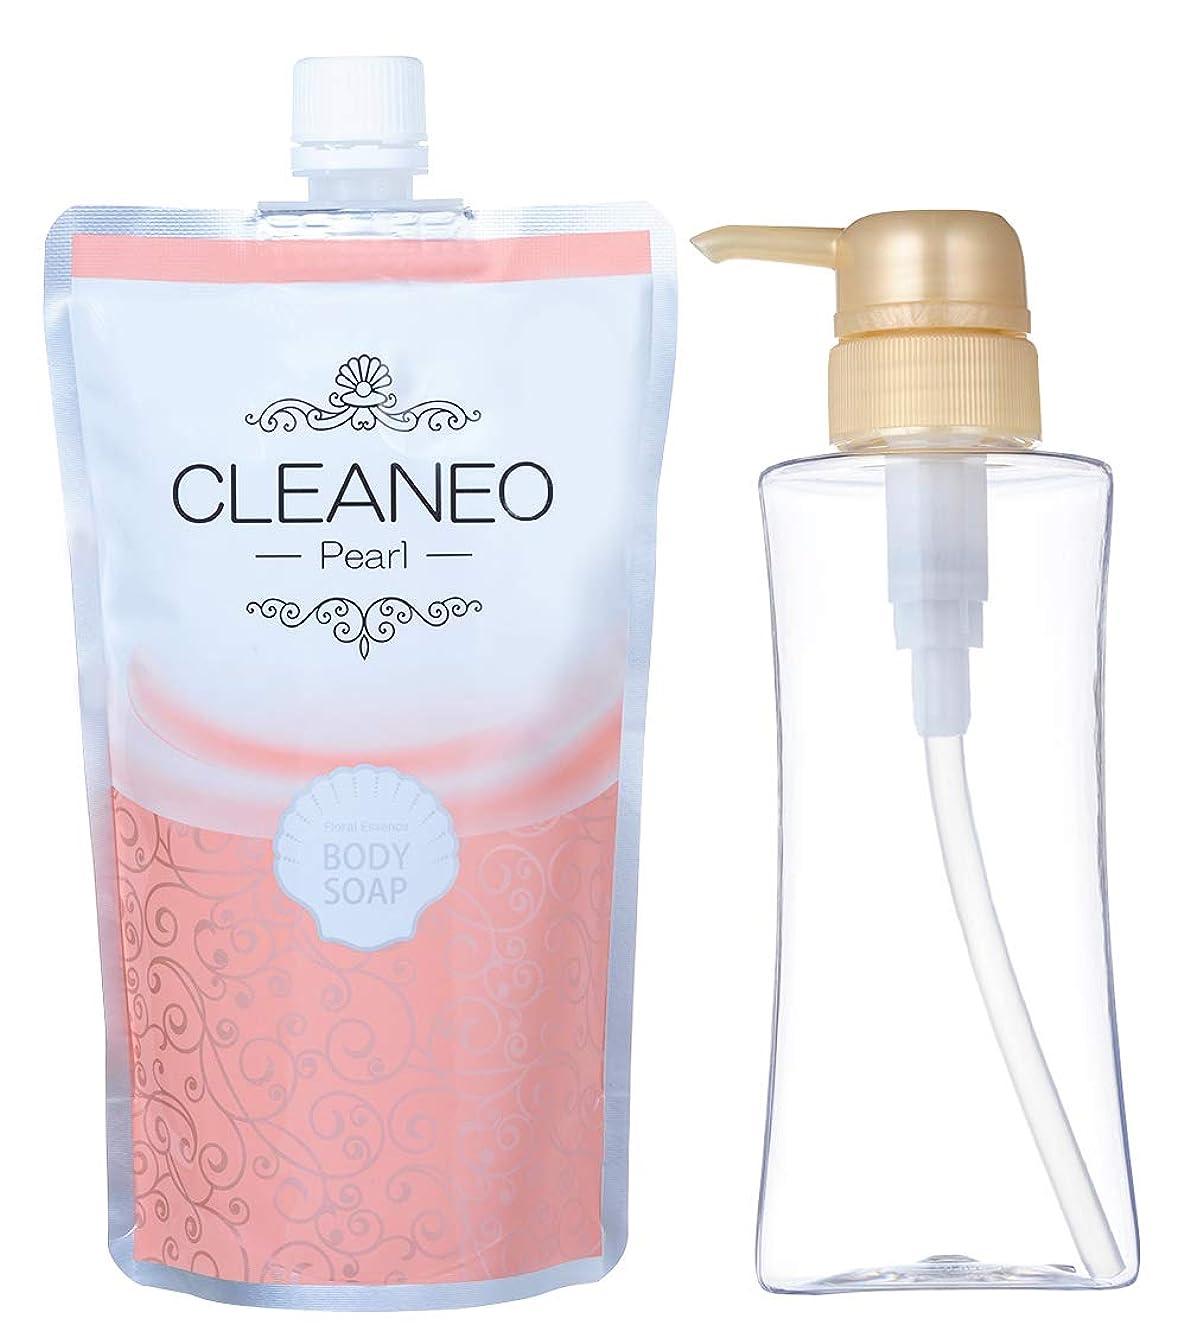 労苦育成スーパークリアネオ公式(CLEANEO) パール オーガニックボディソープ?透明感のある美肌へ(詰替300ml+専用ボトルセット)